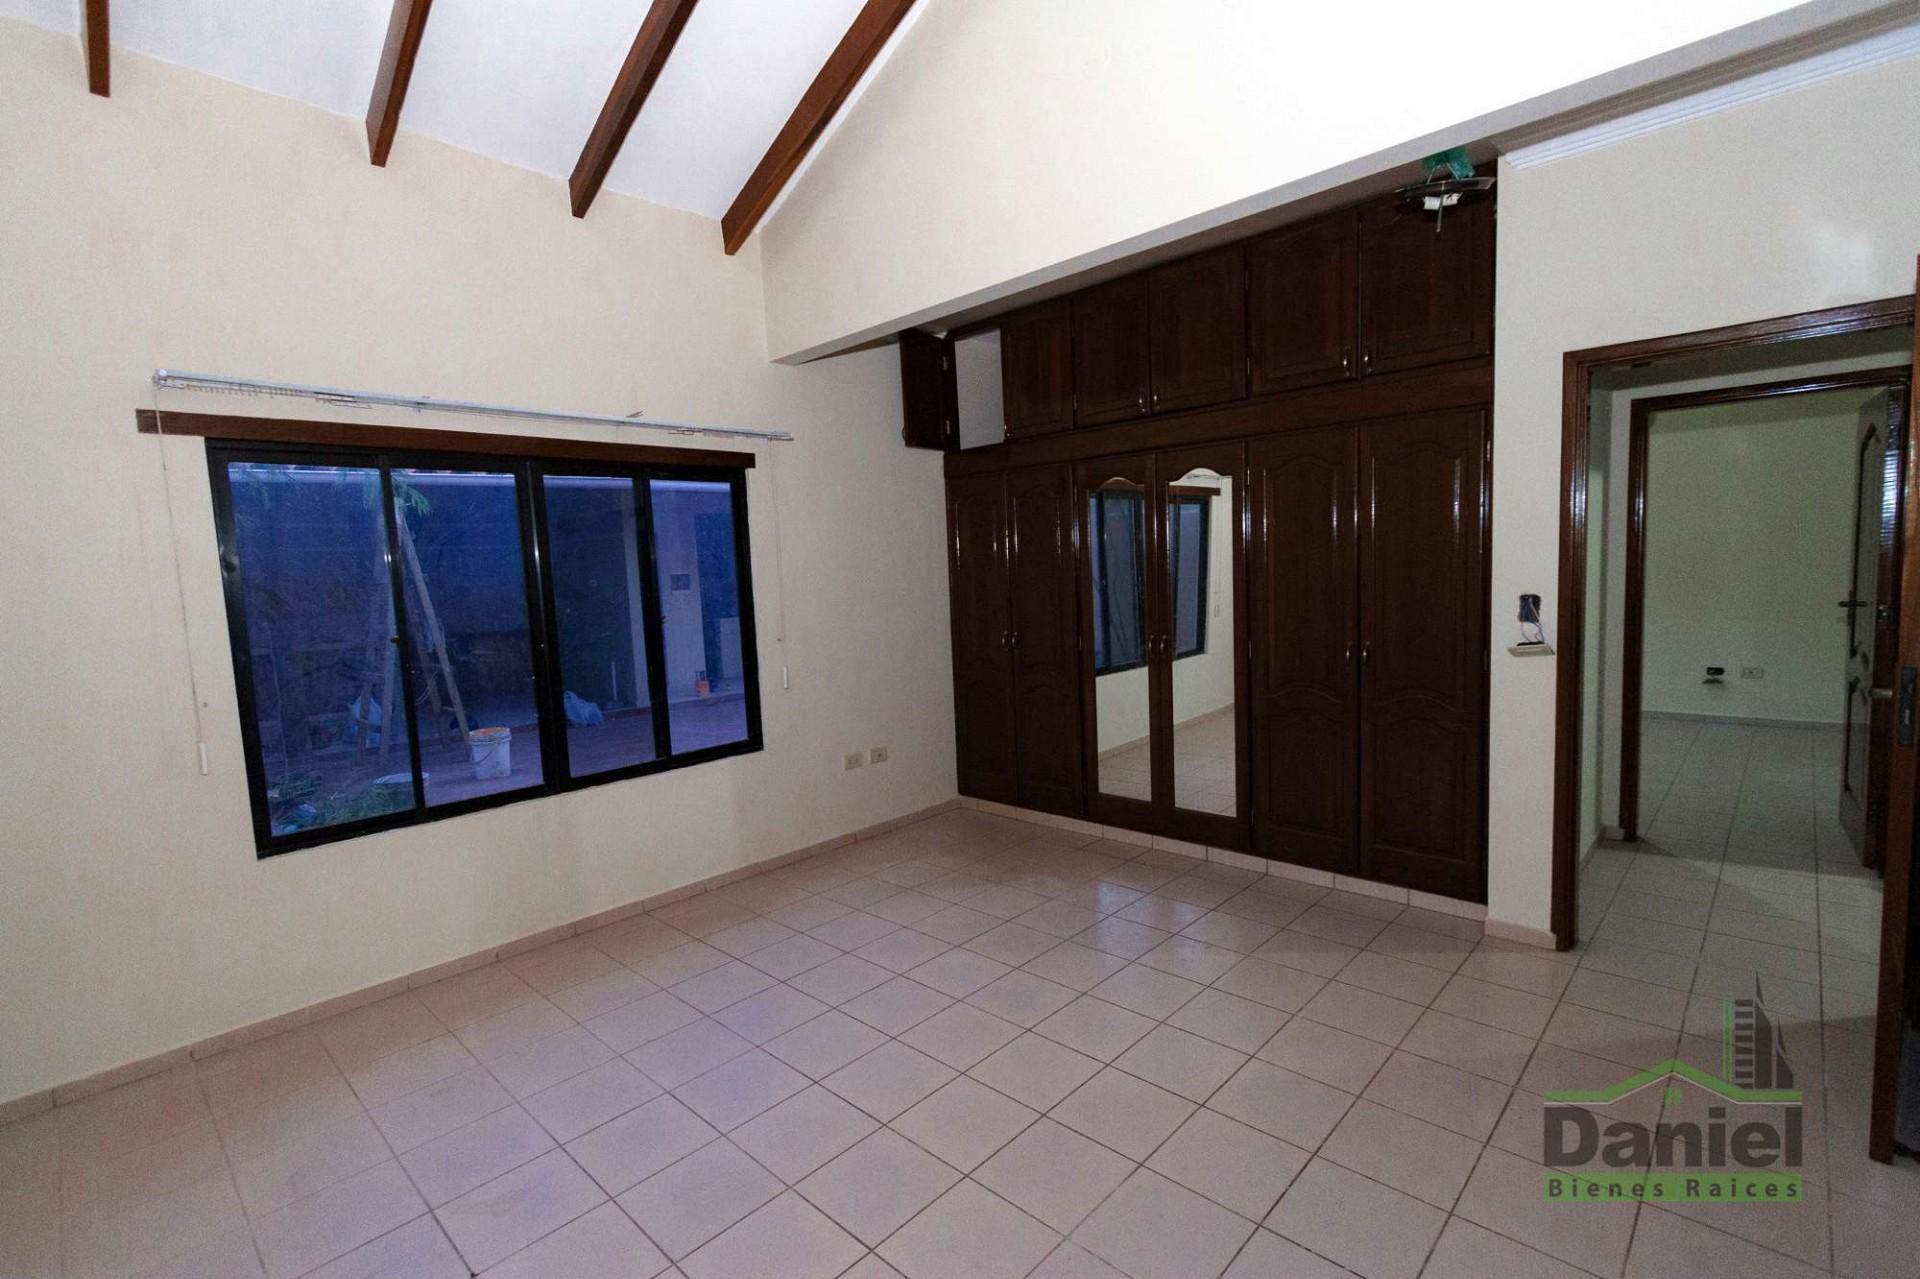 Casa en Venta CASA GRANDE ENTRE 4TO Y 5TO ANILLO RADIAL 27 Foto 13